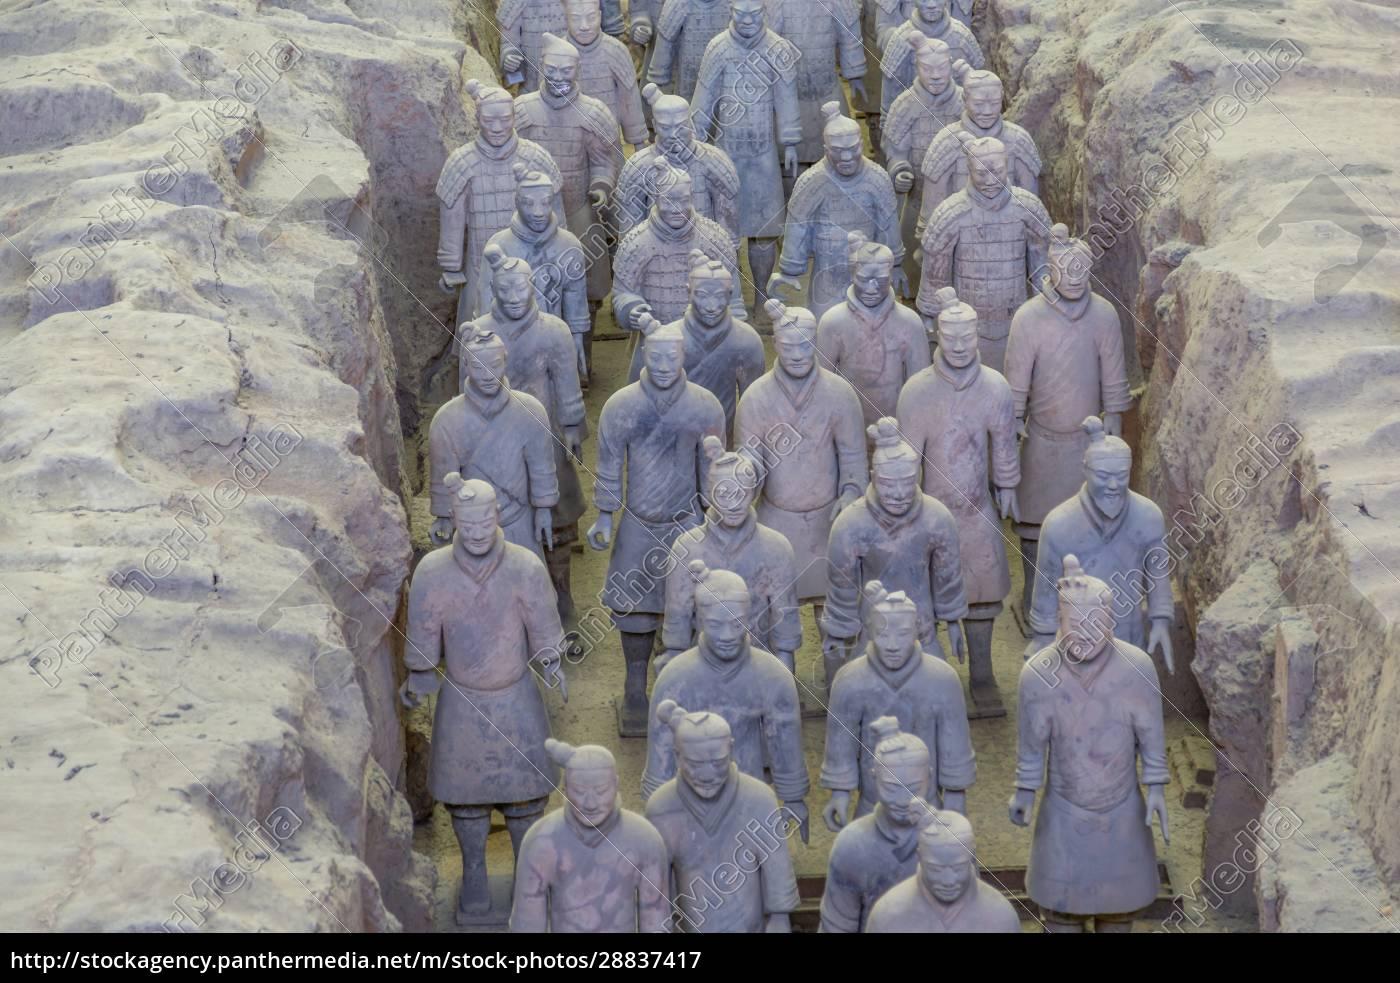 widok, na, terakotowych, wojowników, w, tomb - 28837417